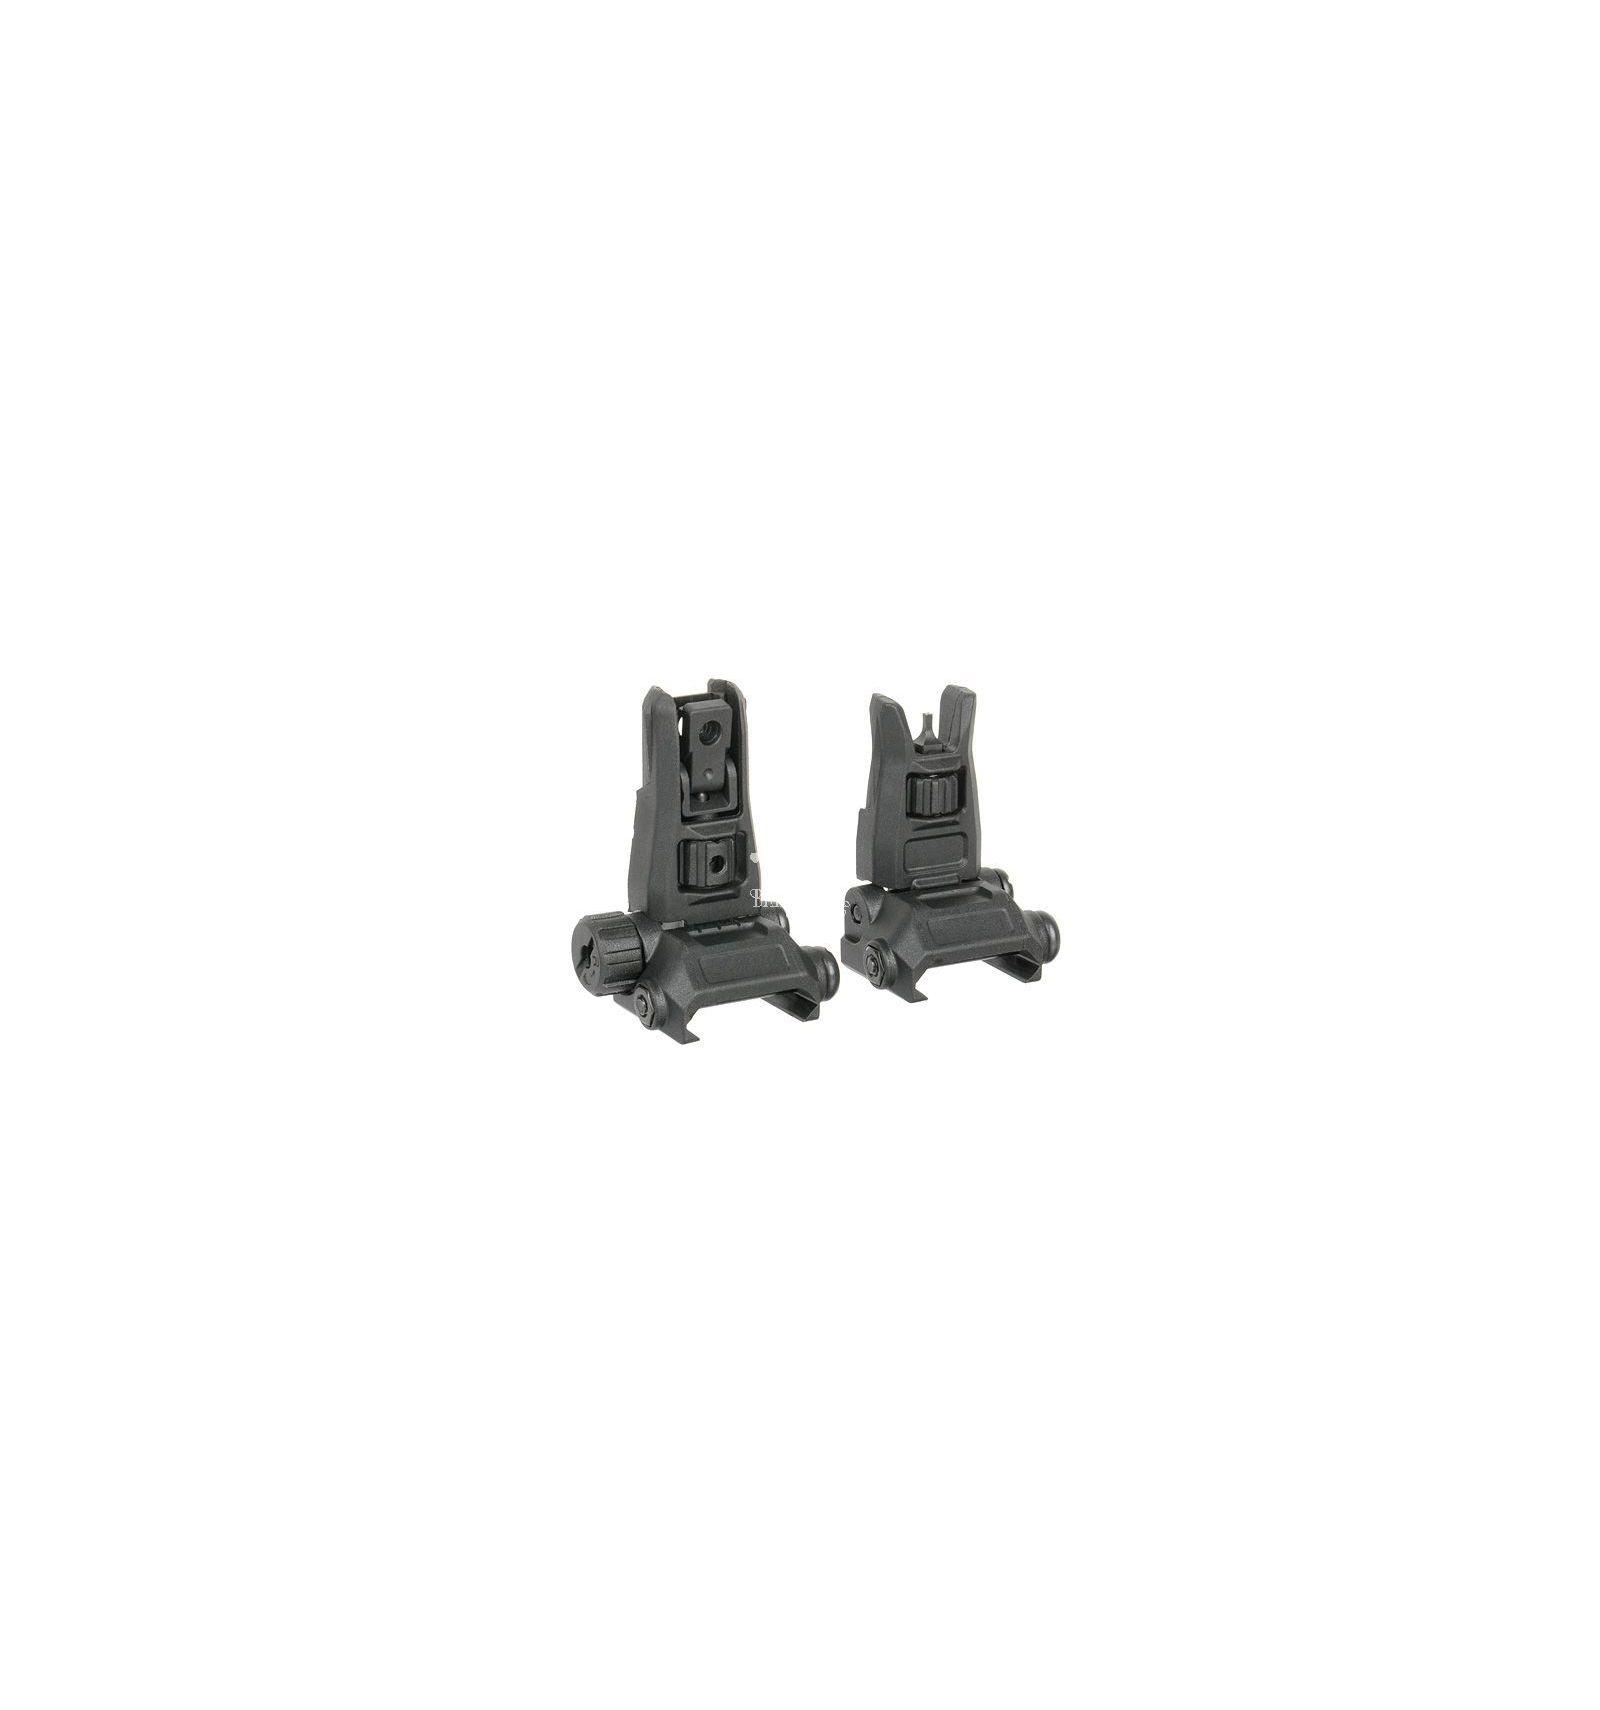 Tacche di Mira MBUS 2 Polimero Replica - Black